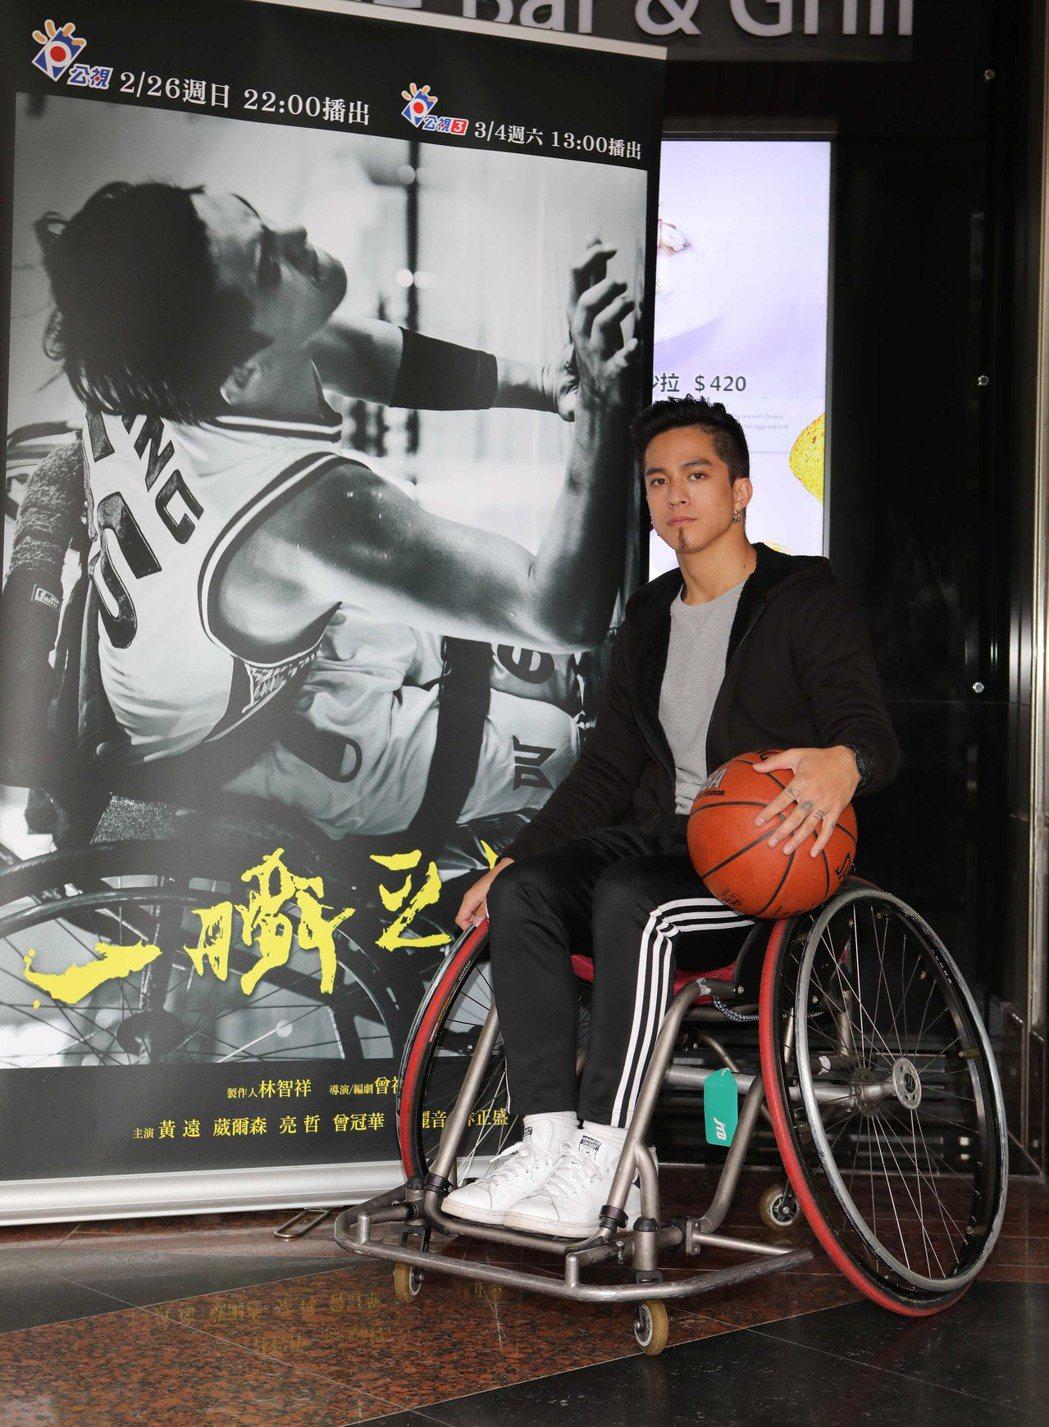 黃遠在「一瞬之光」演出輪椅籃球員,雙手為推輪椅磨破皮。圖/公視提供